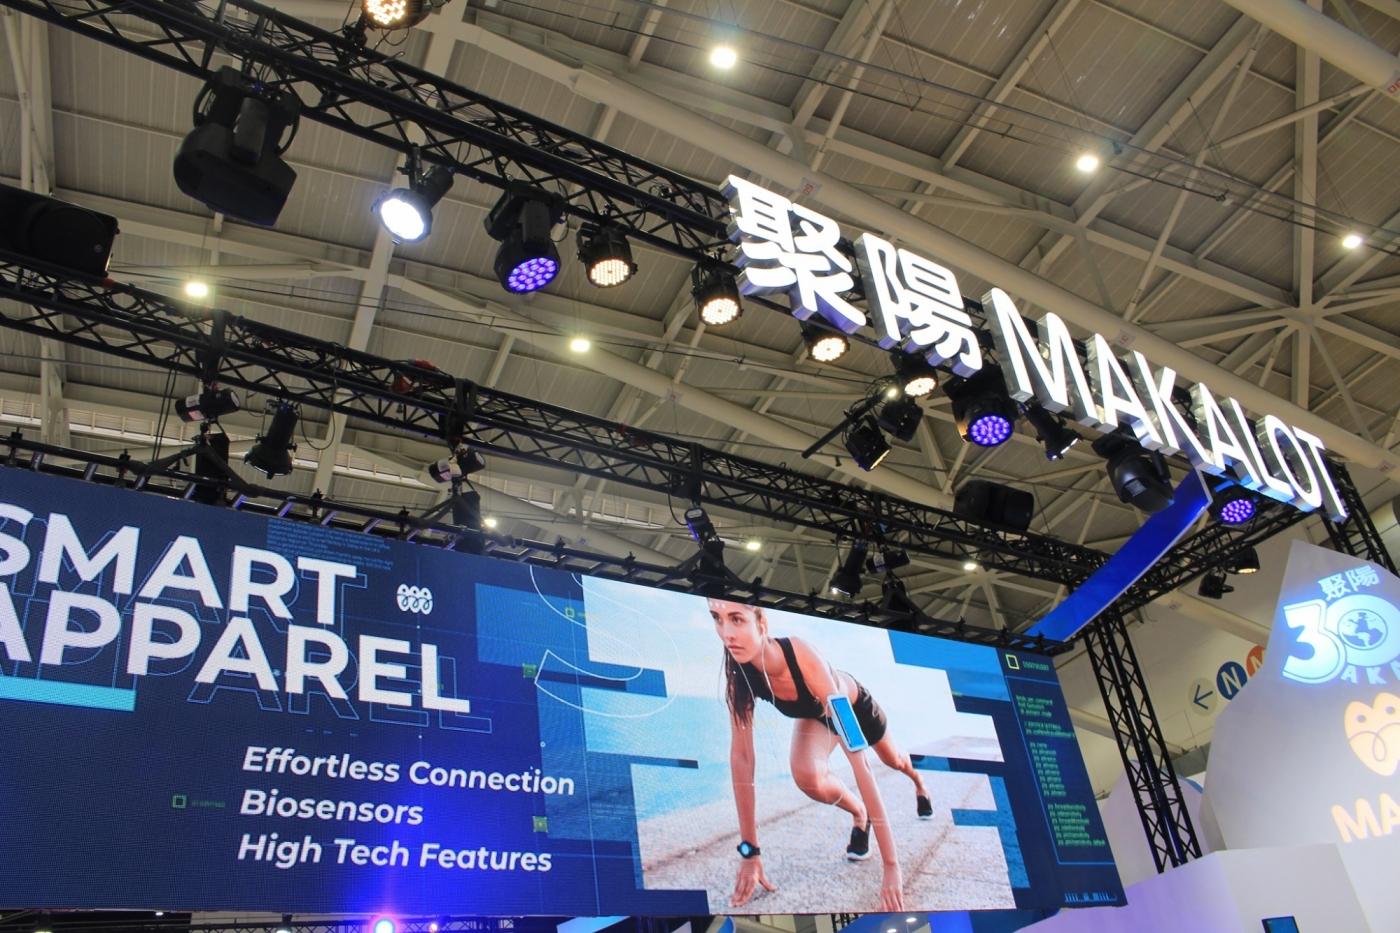 聚陽跨界研發穿戴式醫療應用,佈局健康產業鏈!新款溫控智慧衣明年問世